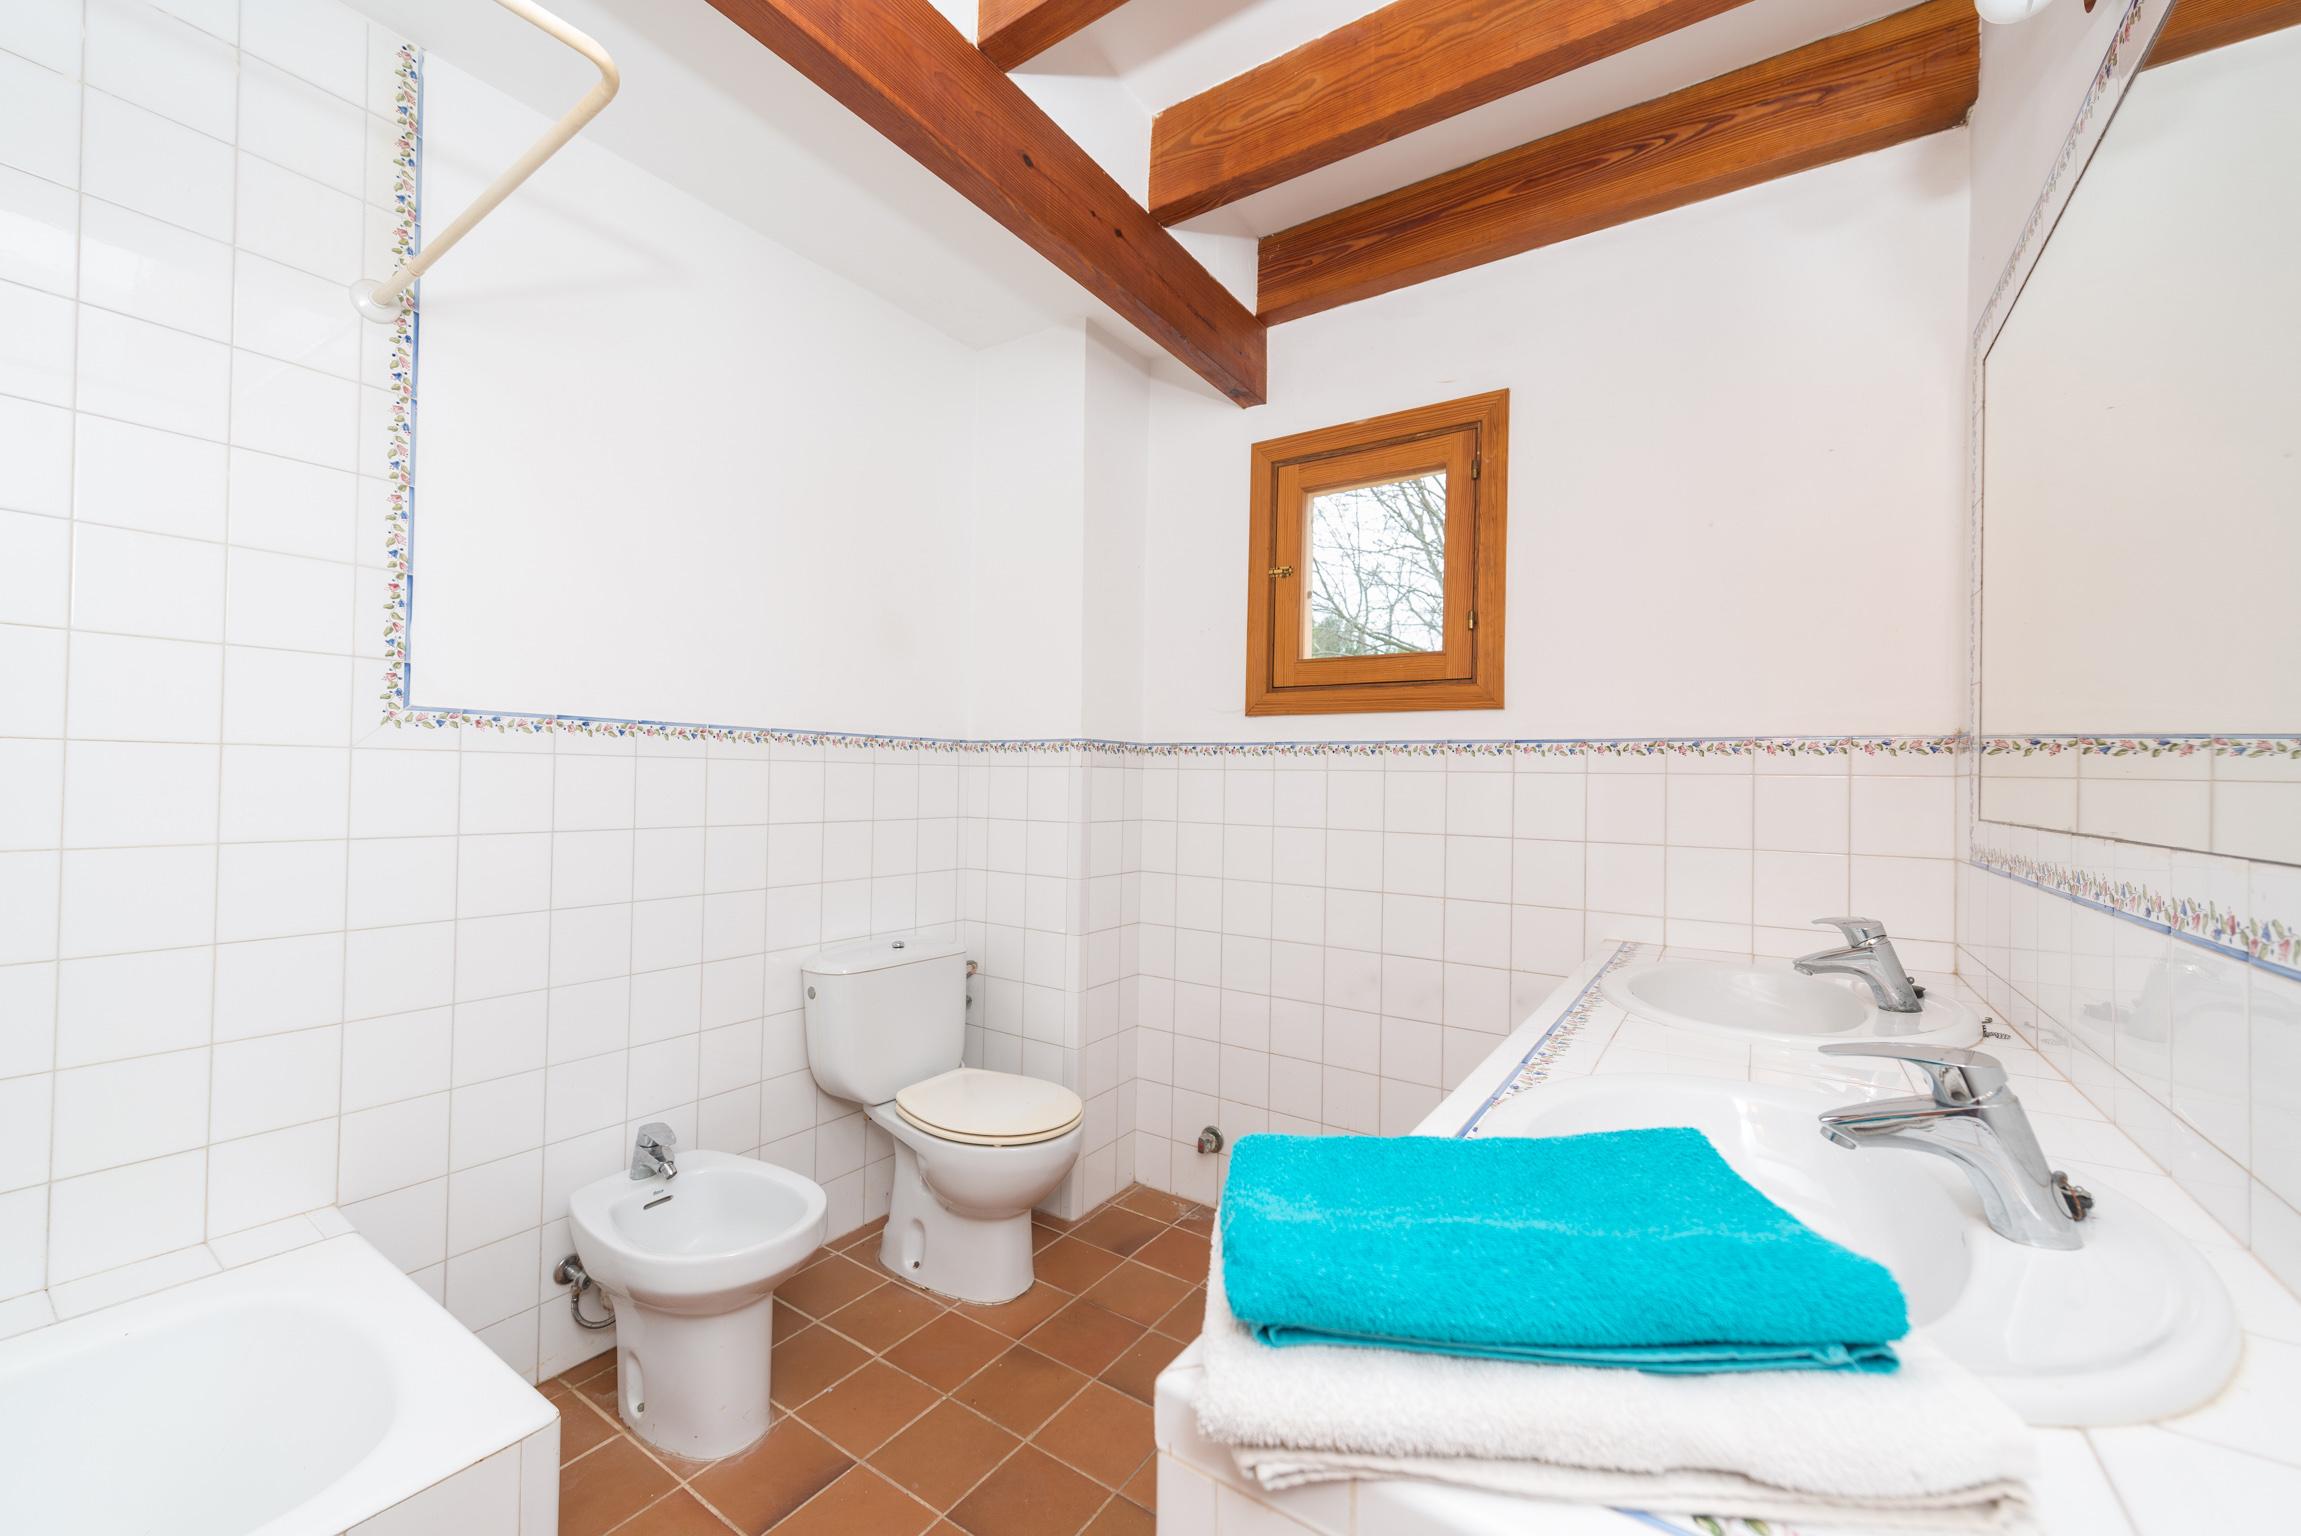 Maison de vacances SON BRINES (1871713), Lloret de Vistalegre, Majorque, Iles Baléares, Espagne, image 26